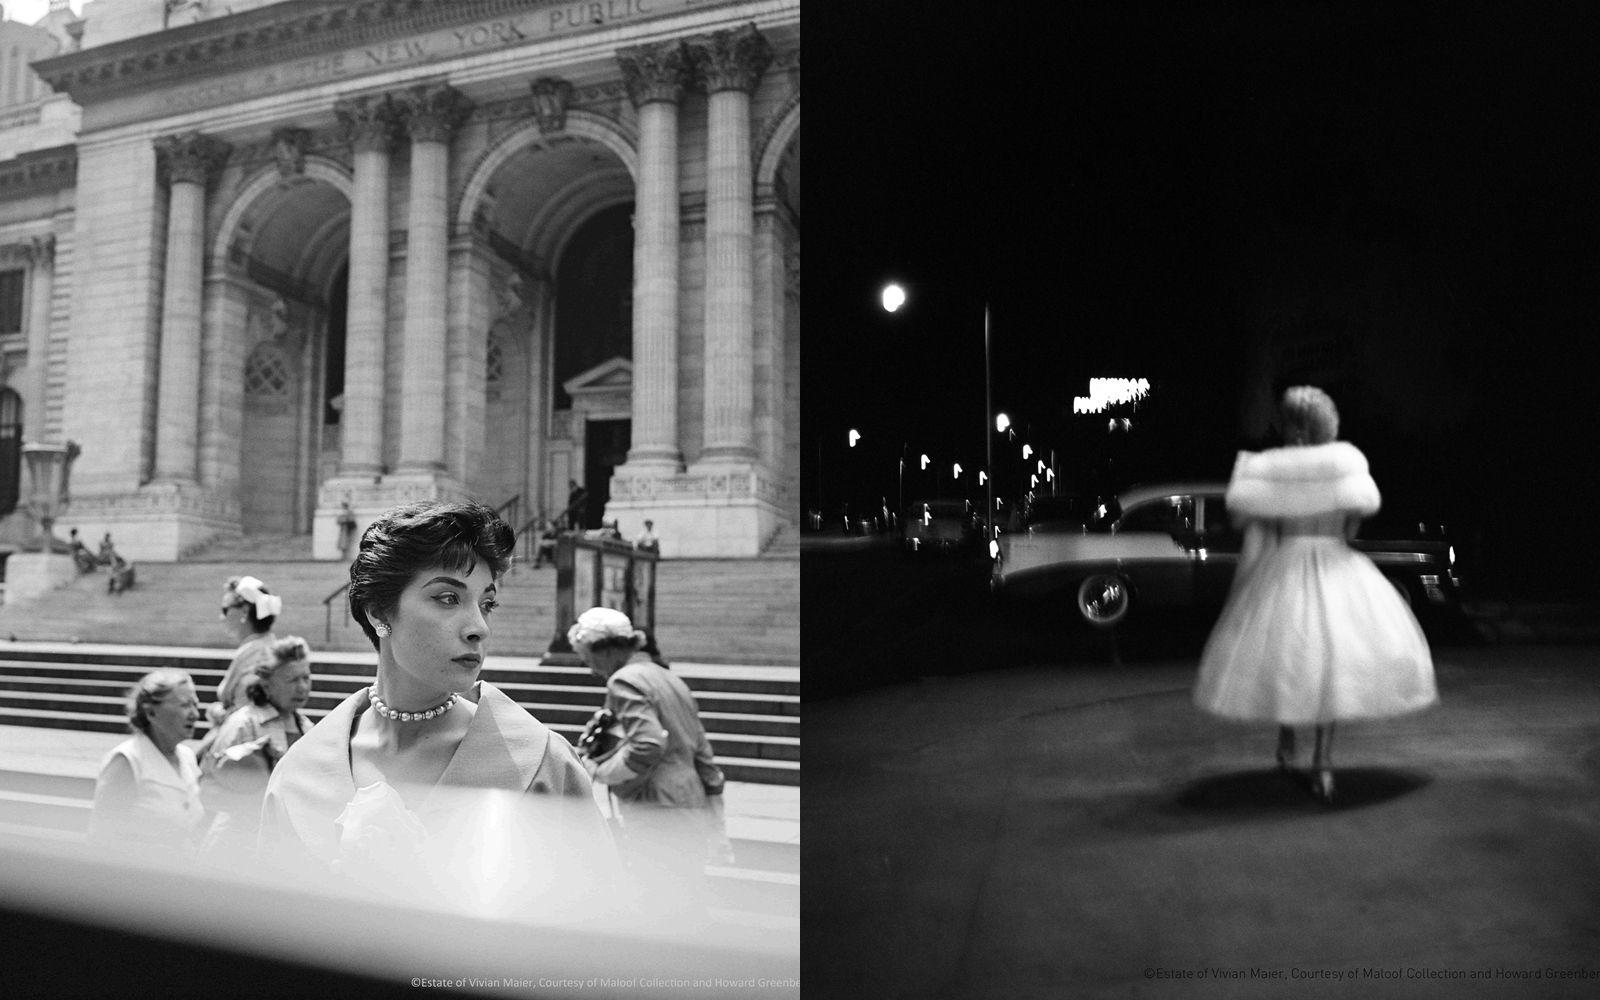 本業是保姆、史上最神秘的街拍攝影師薇薇安・邁爾攝影展即將登場,百件精選作品帶你重新發現50-70年代美國生活日常